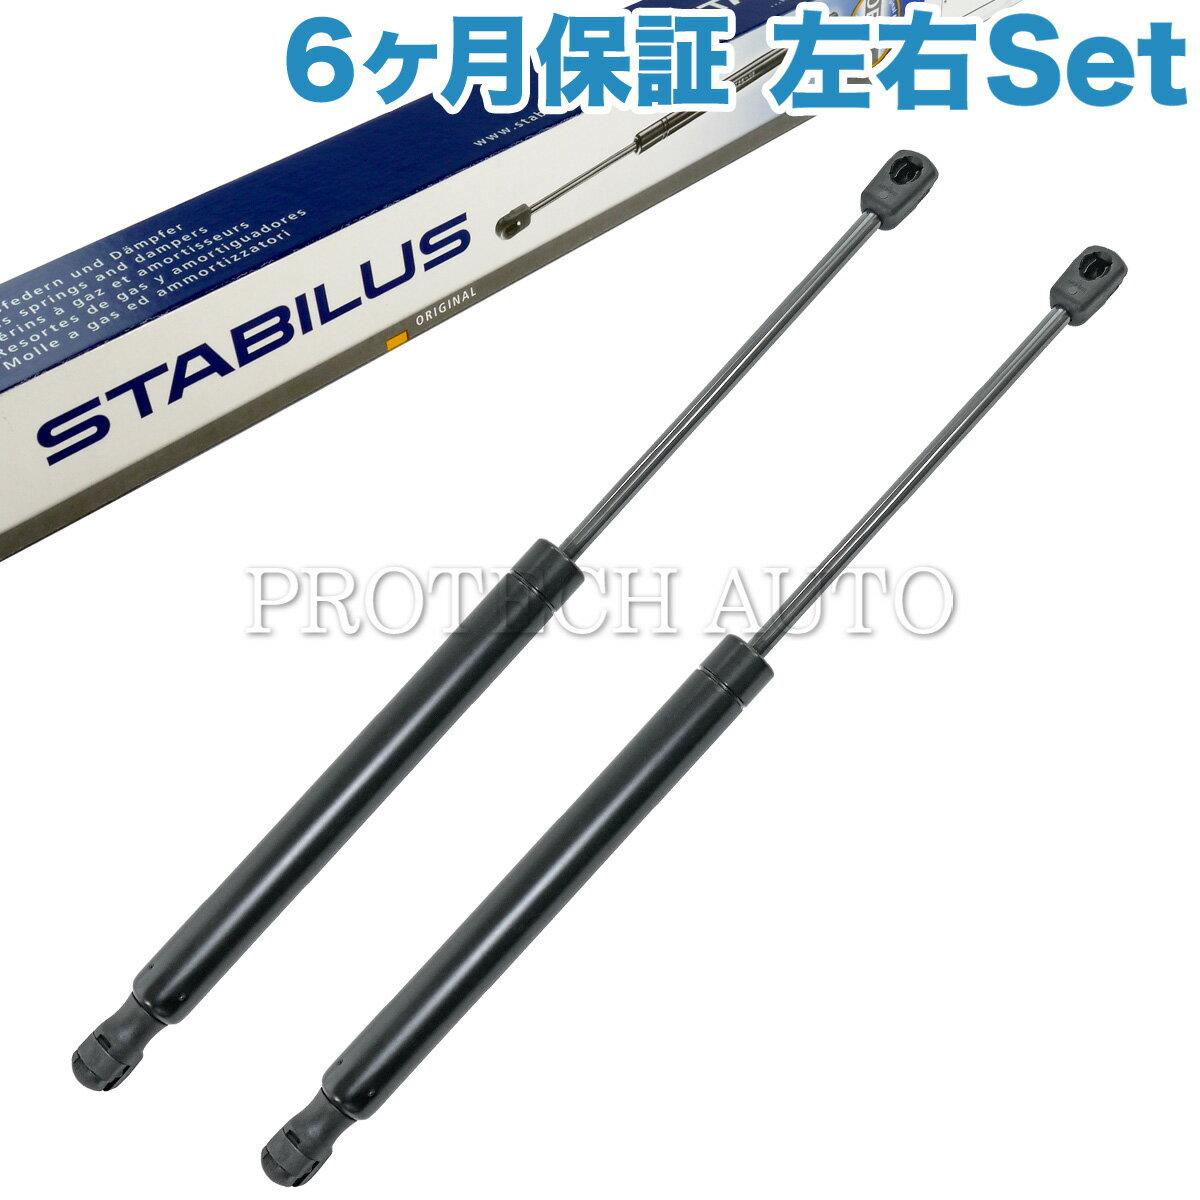 [6ヶ月保証] STABILUS製 ベンツ SLクラス R230 トランクダンパー/トランクゲートダンパー 左右セット(2本) 2309800264 002429 SL350 SL500【あす楽対応】